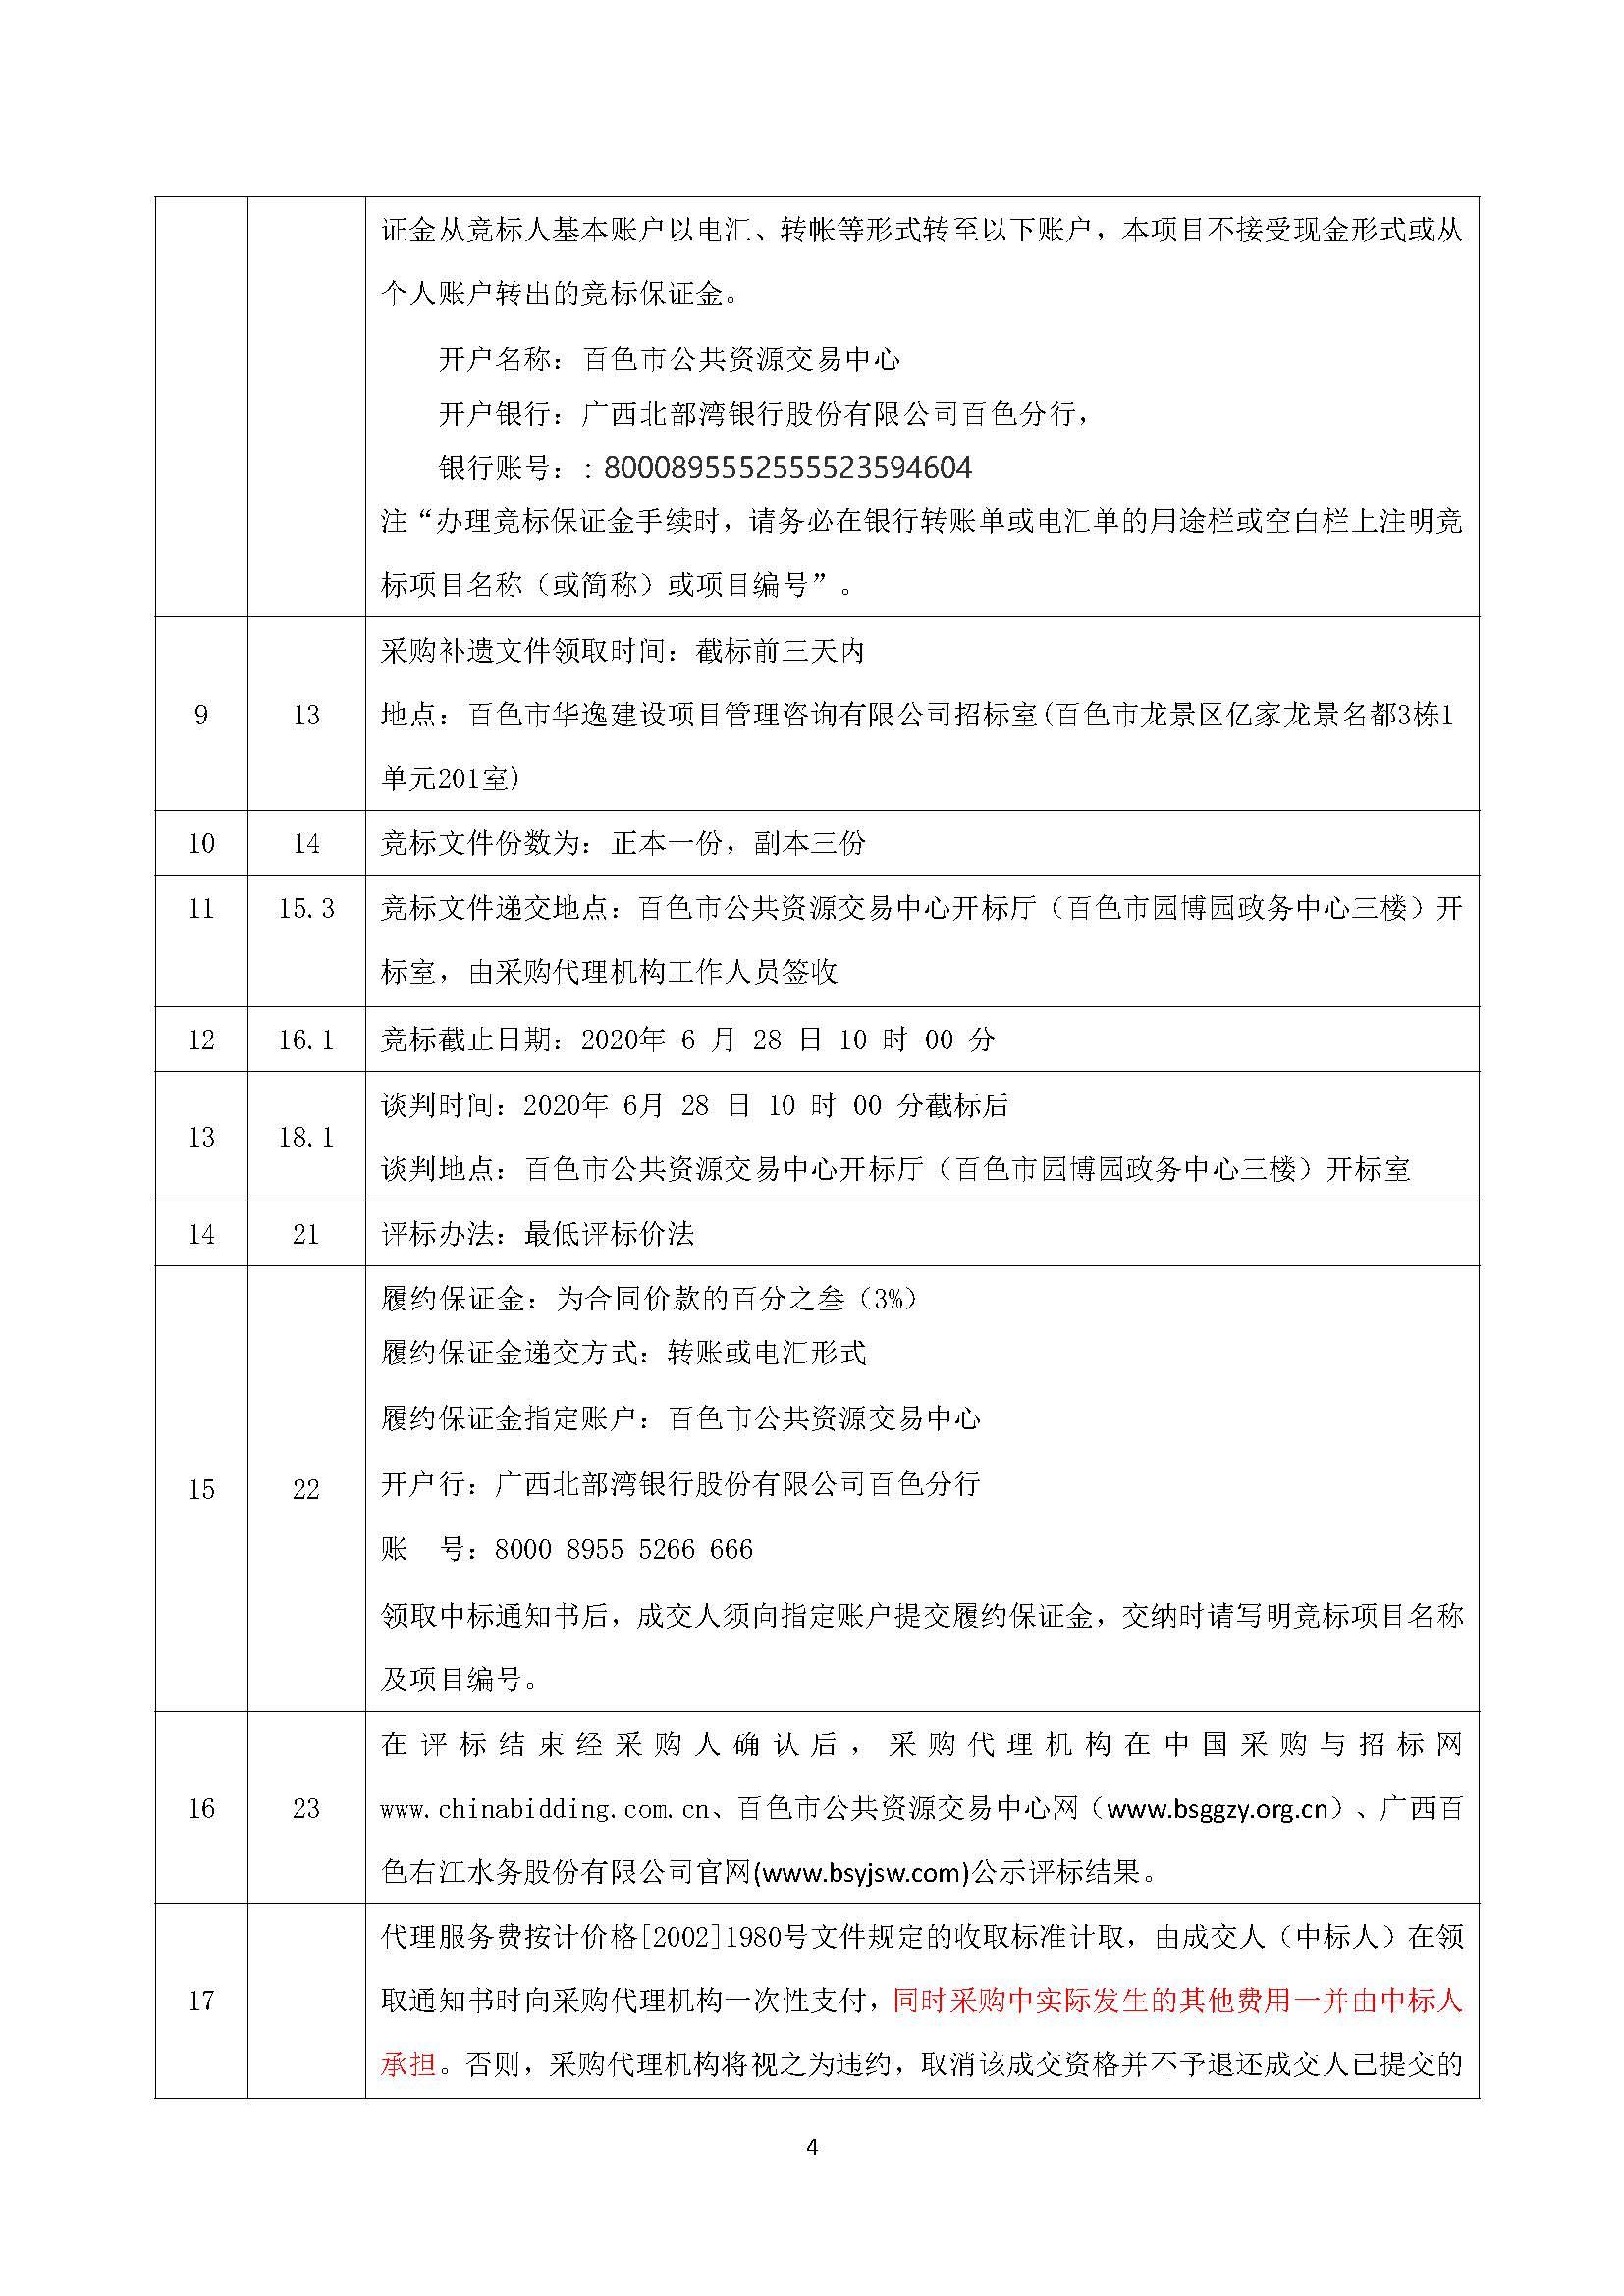 (确定)安徽快三基本走势图市政环卫园林绿化企业一体化面积测绘服务采购 竞争性谈判采购文件20200610(2)_页面_08.jpg